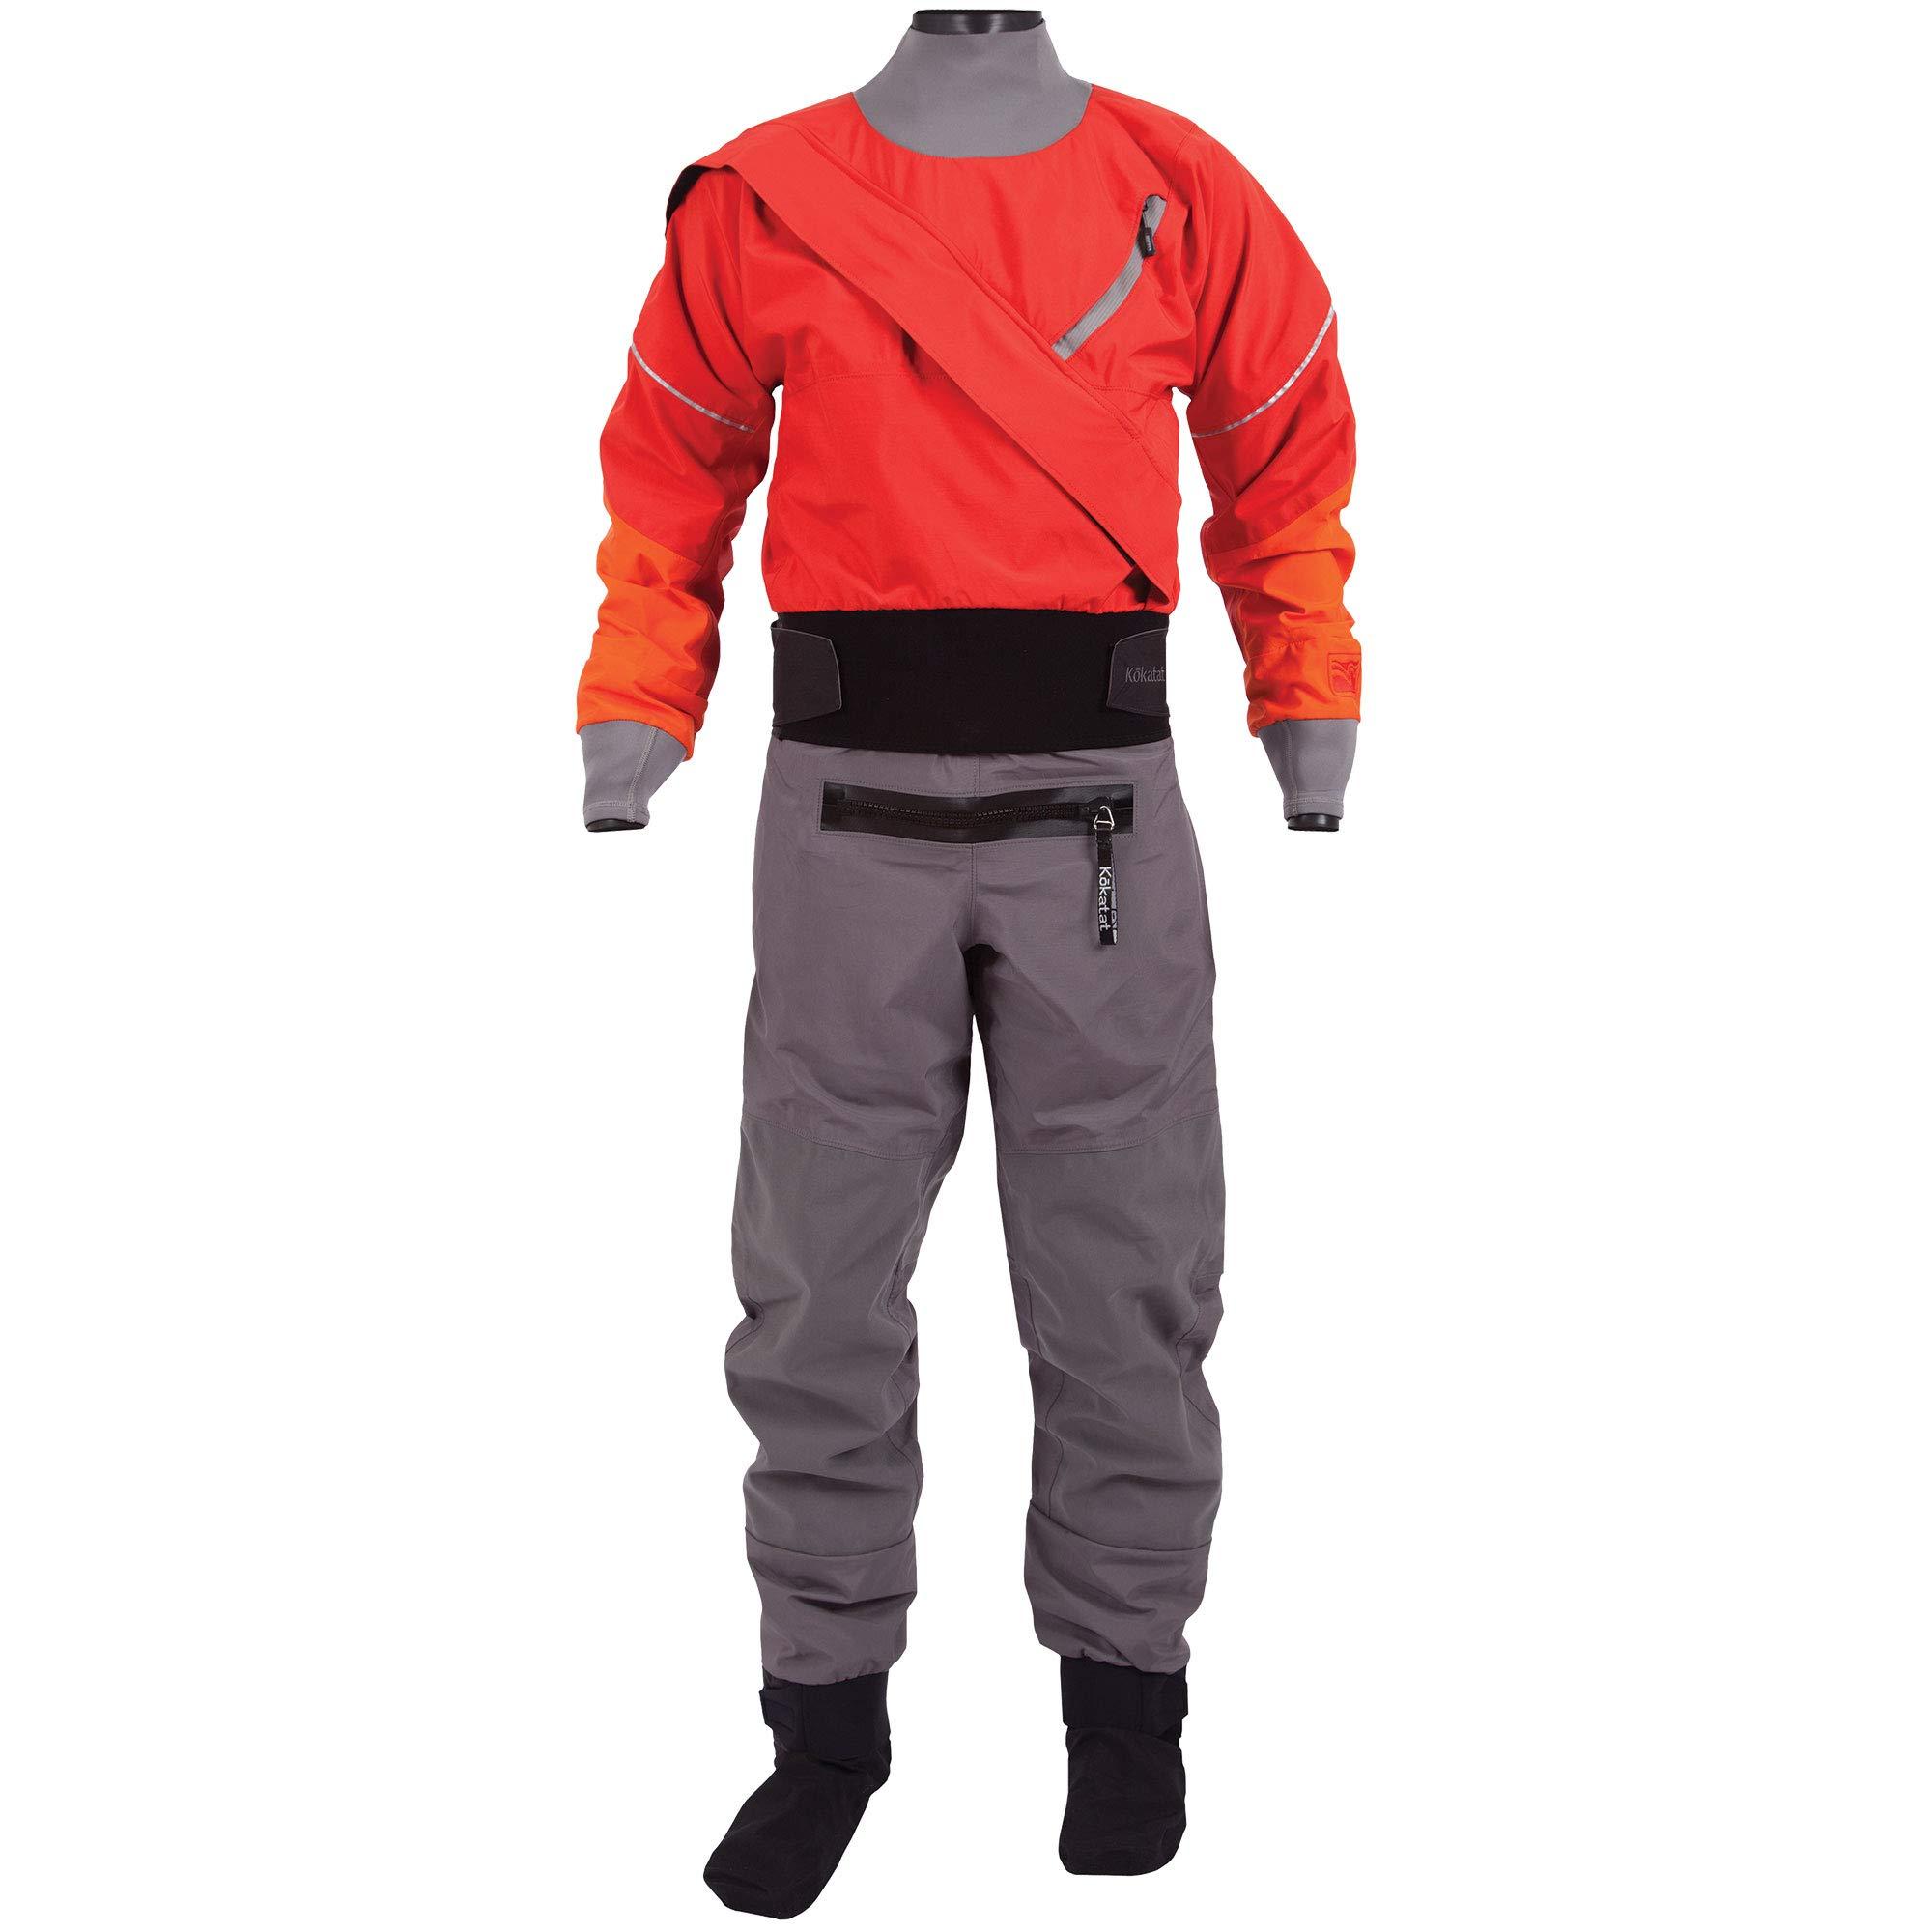 Kokatat Men's Gore-Tex Meridian Drysuit-Chili-M by Kokatat